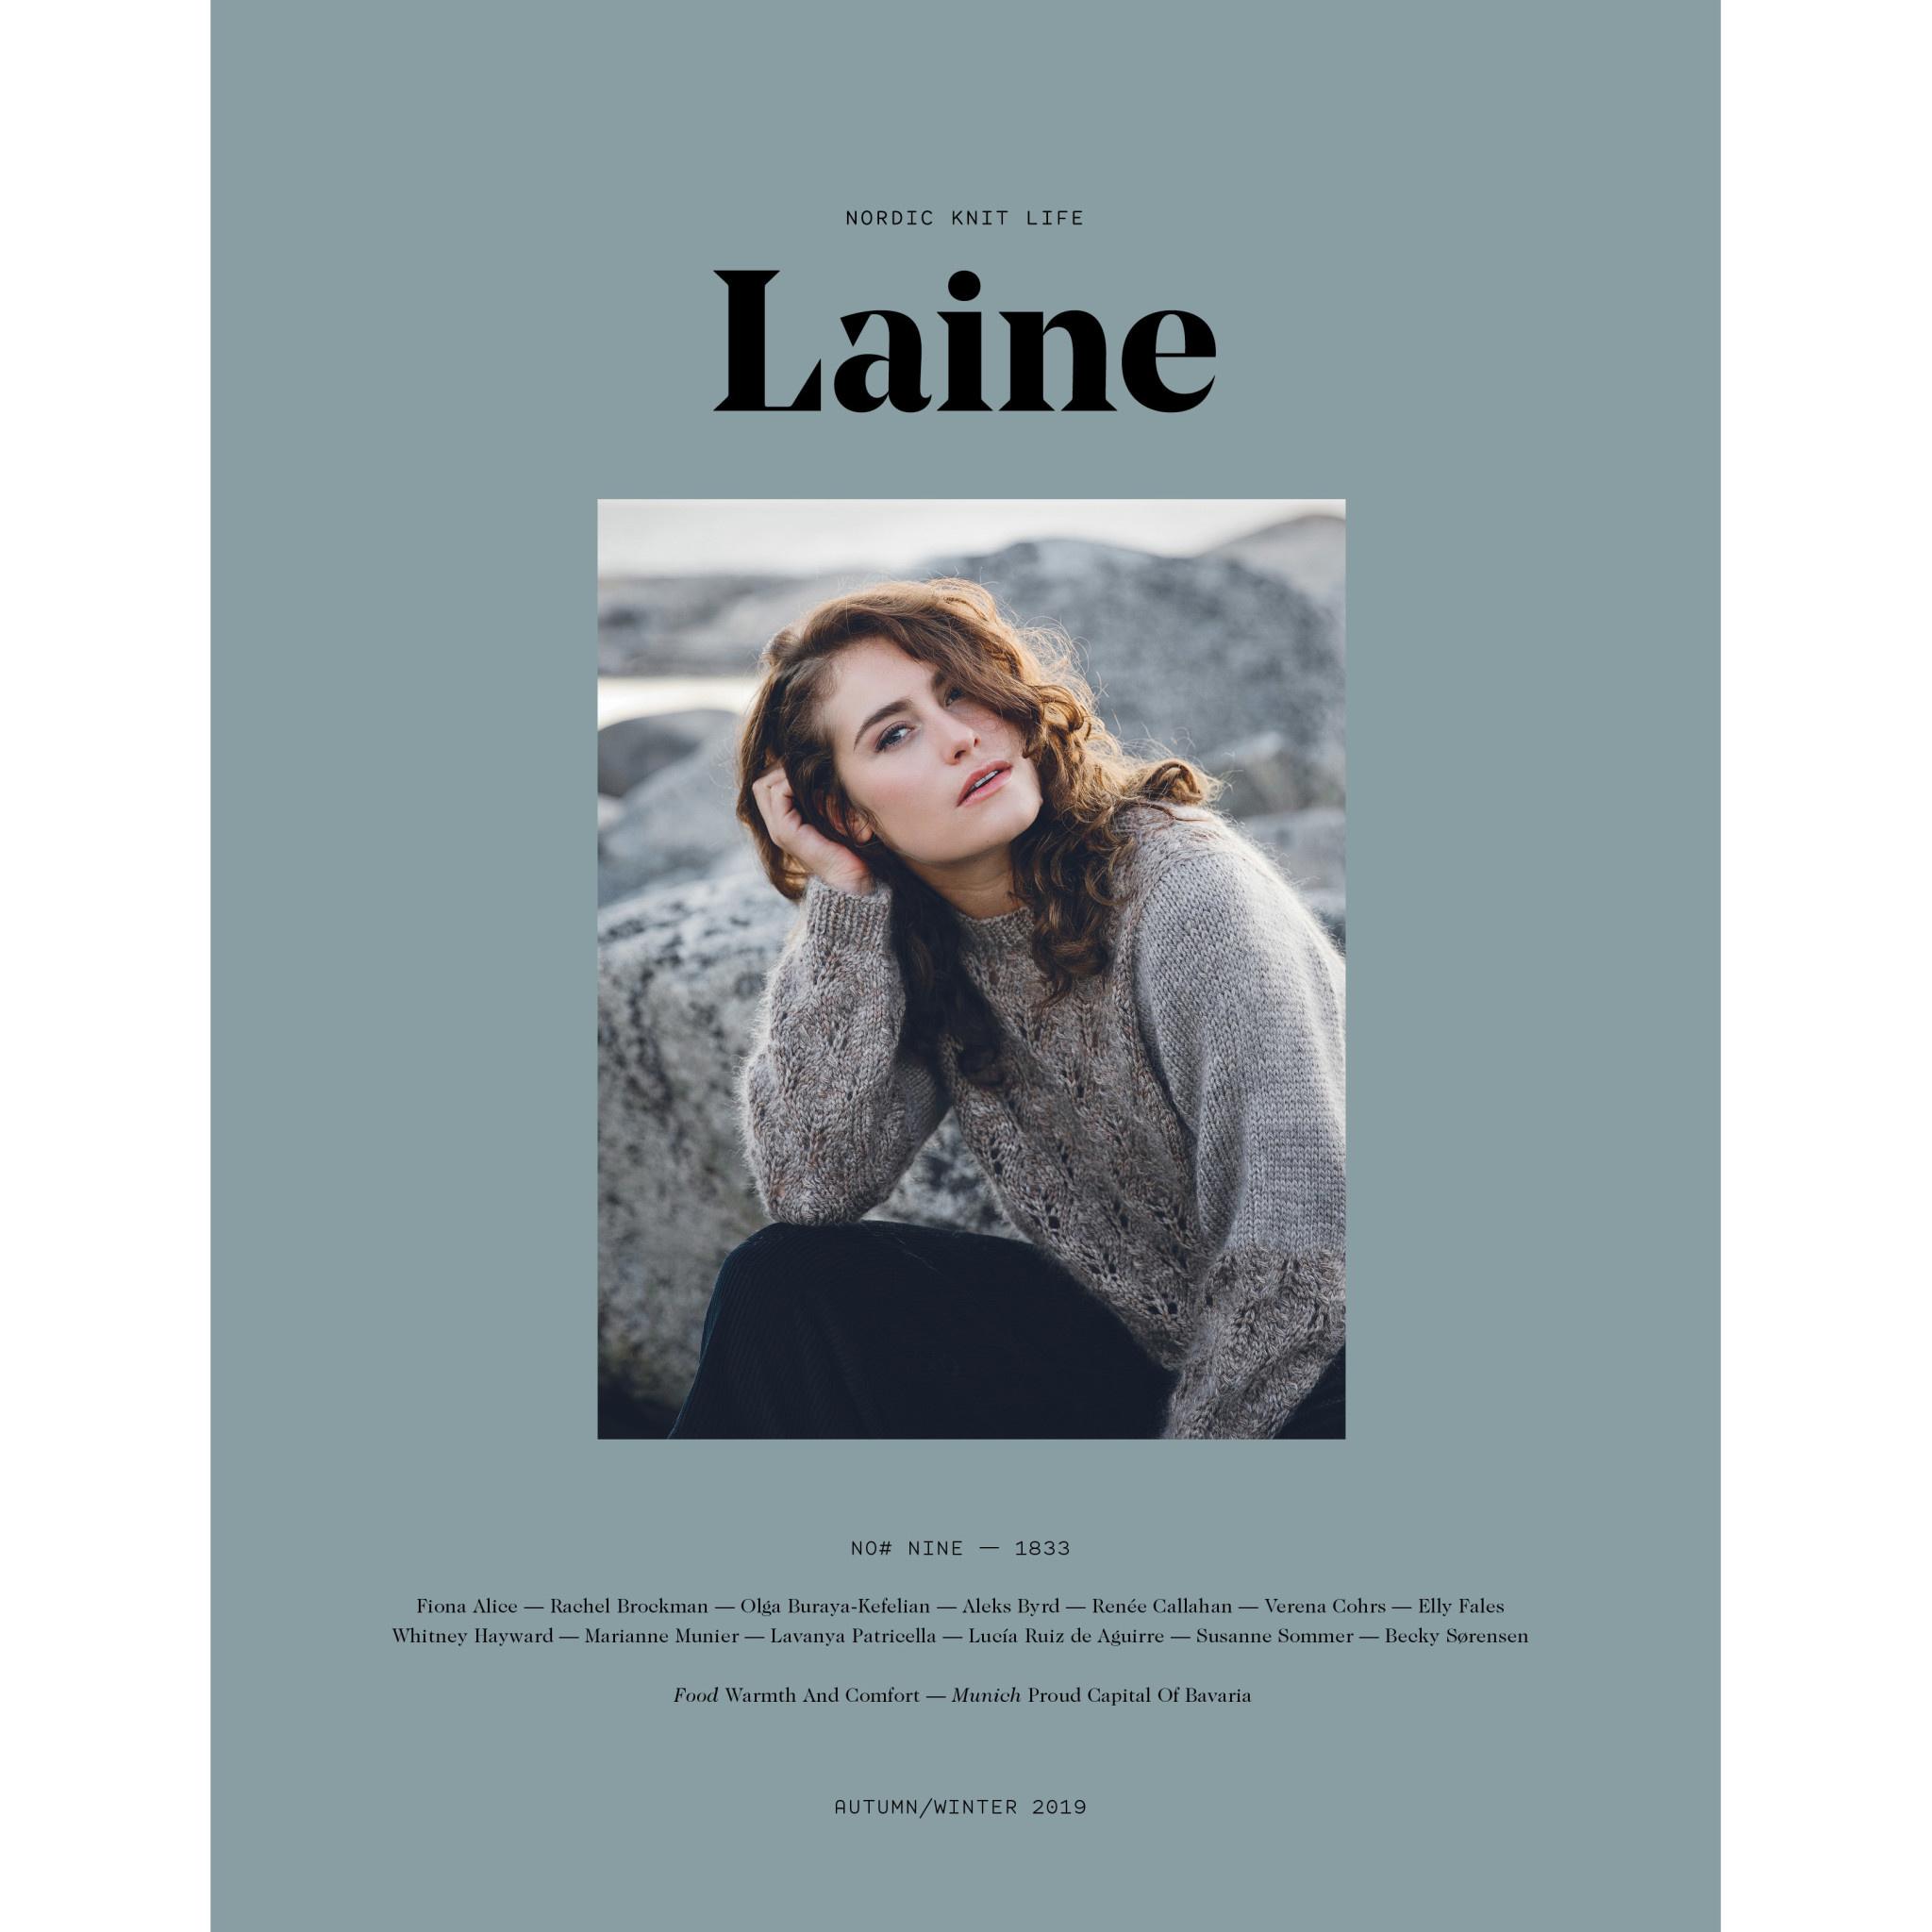 Laine PRESALE: LAINE NORDIC KNIT LIFE ISSUE 9